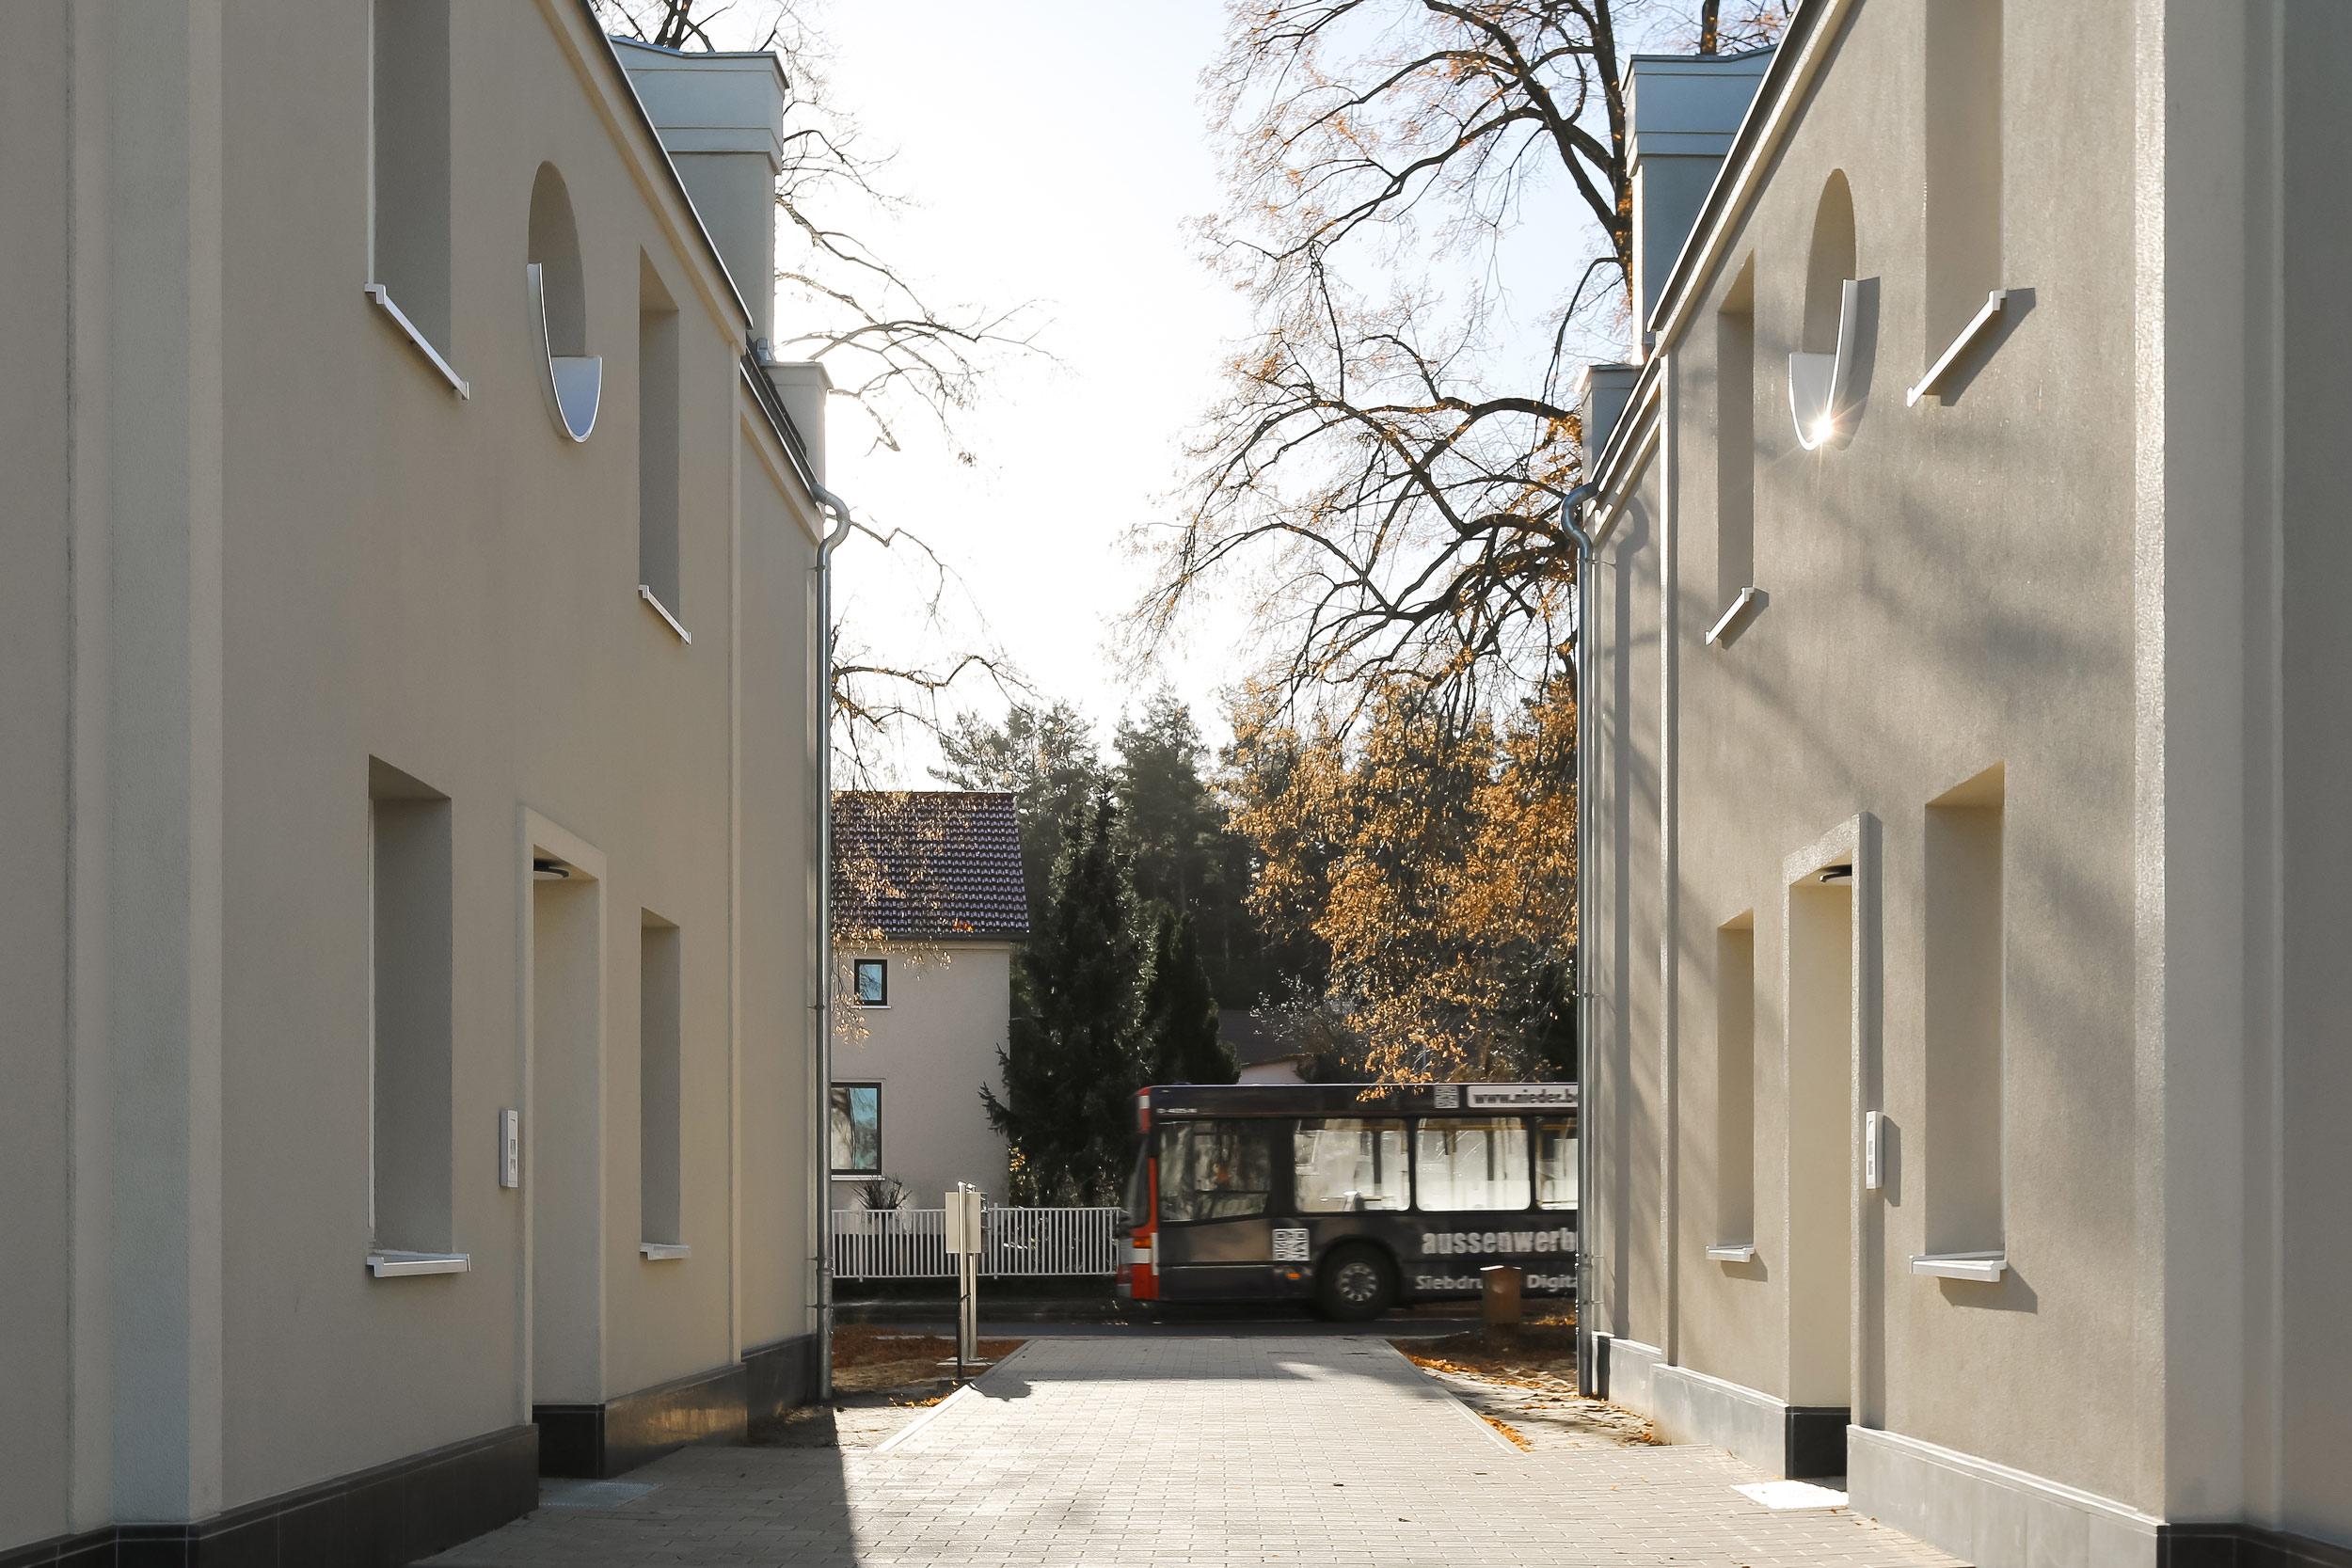 Neubau von Eigentumswohnungen im traditionellen Stil Berlin - Die Zugänge zu den Häusern liegen an einer Piazza.